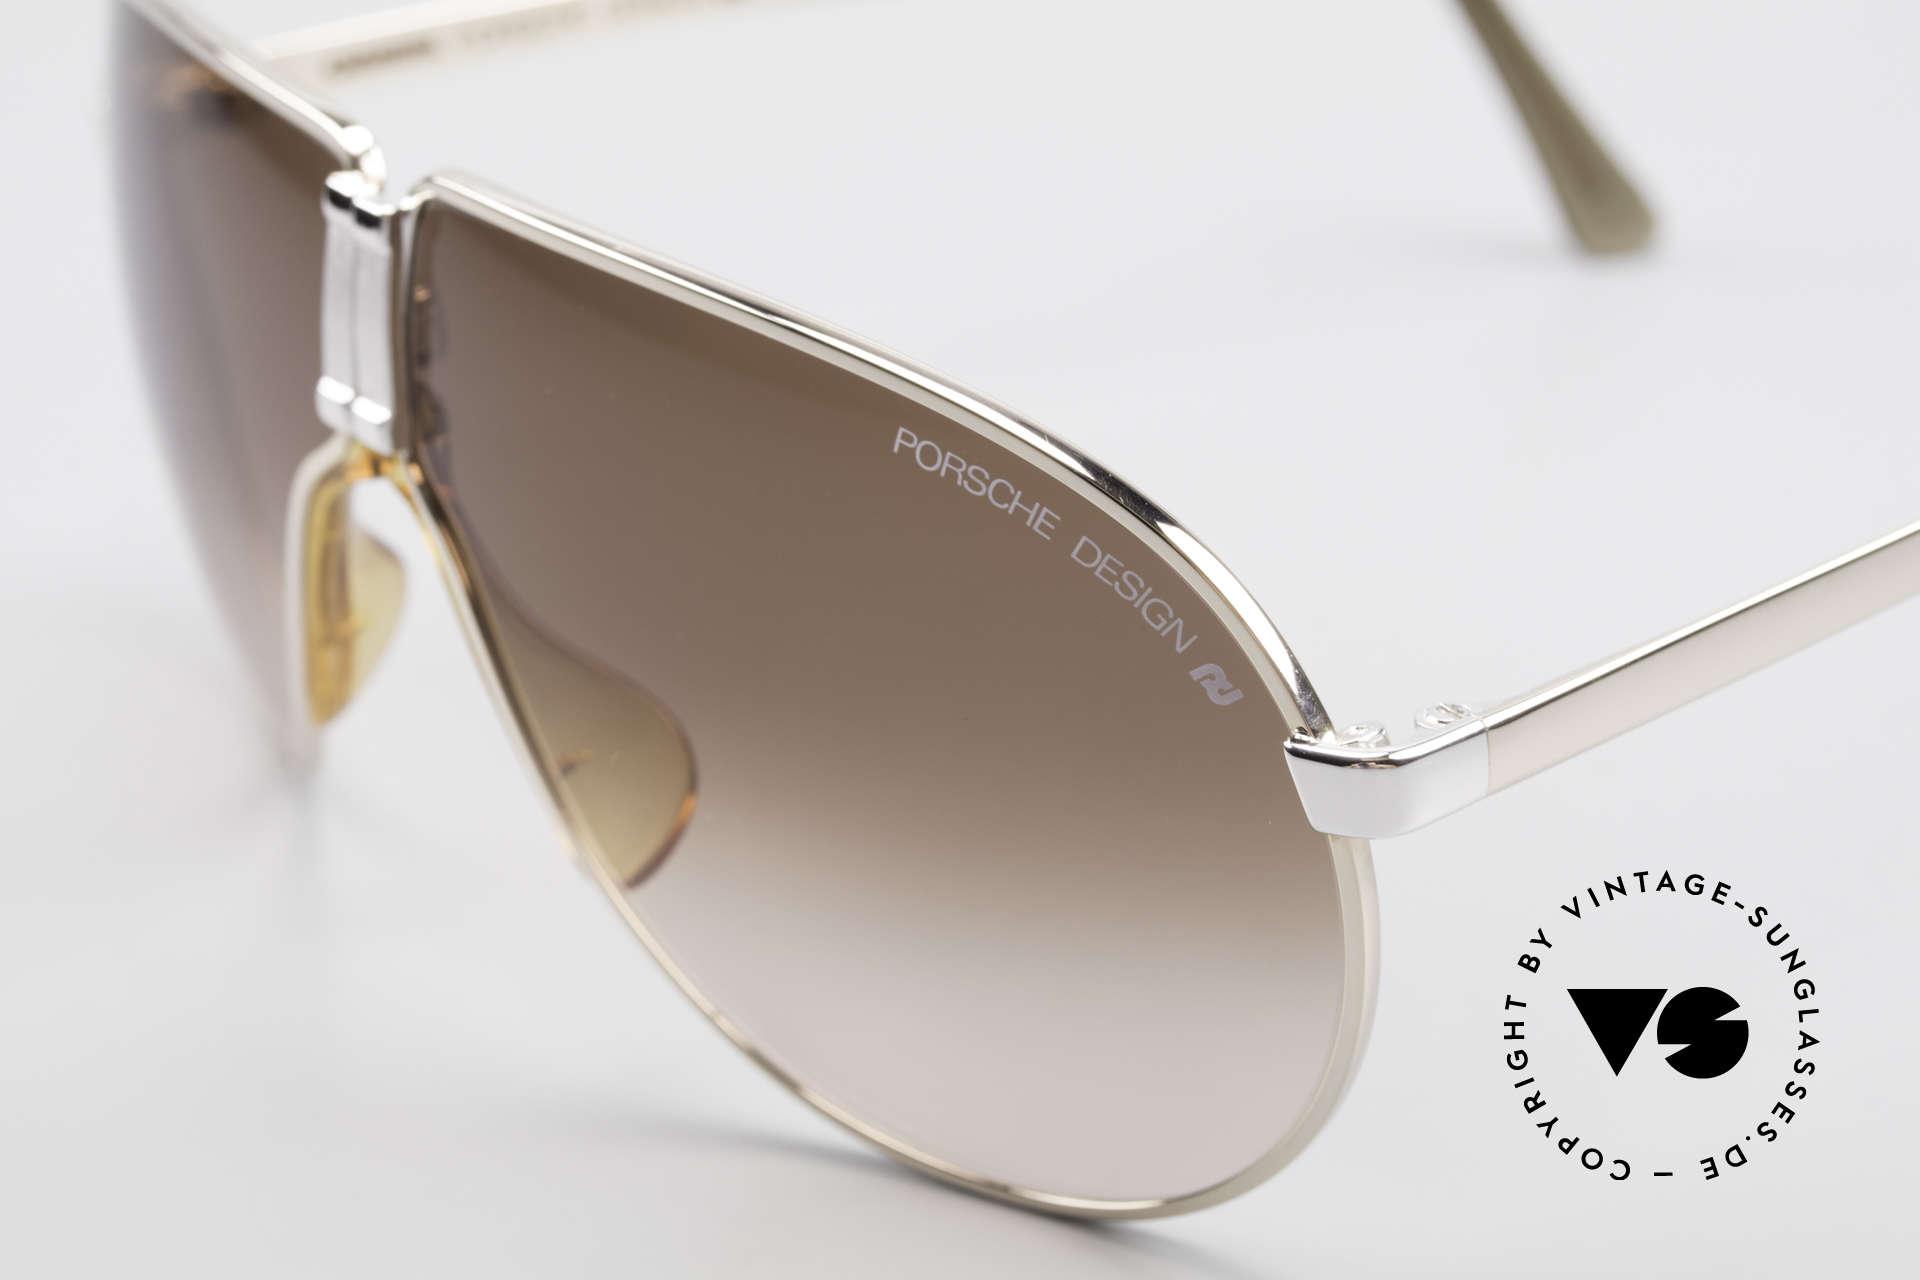 Porsche 5622 80er Luxus Faltsonnenbrille, edles Luxusmodell in absoluter Top-Qualität; 100% UV, Passend für Herren